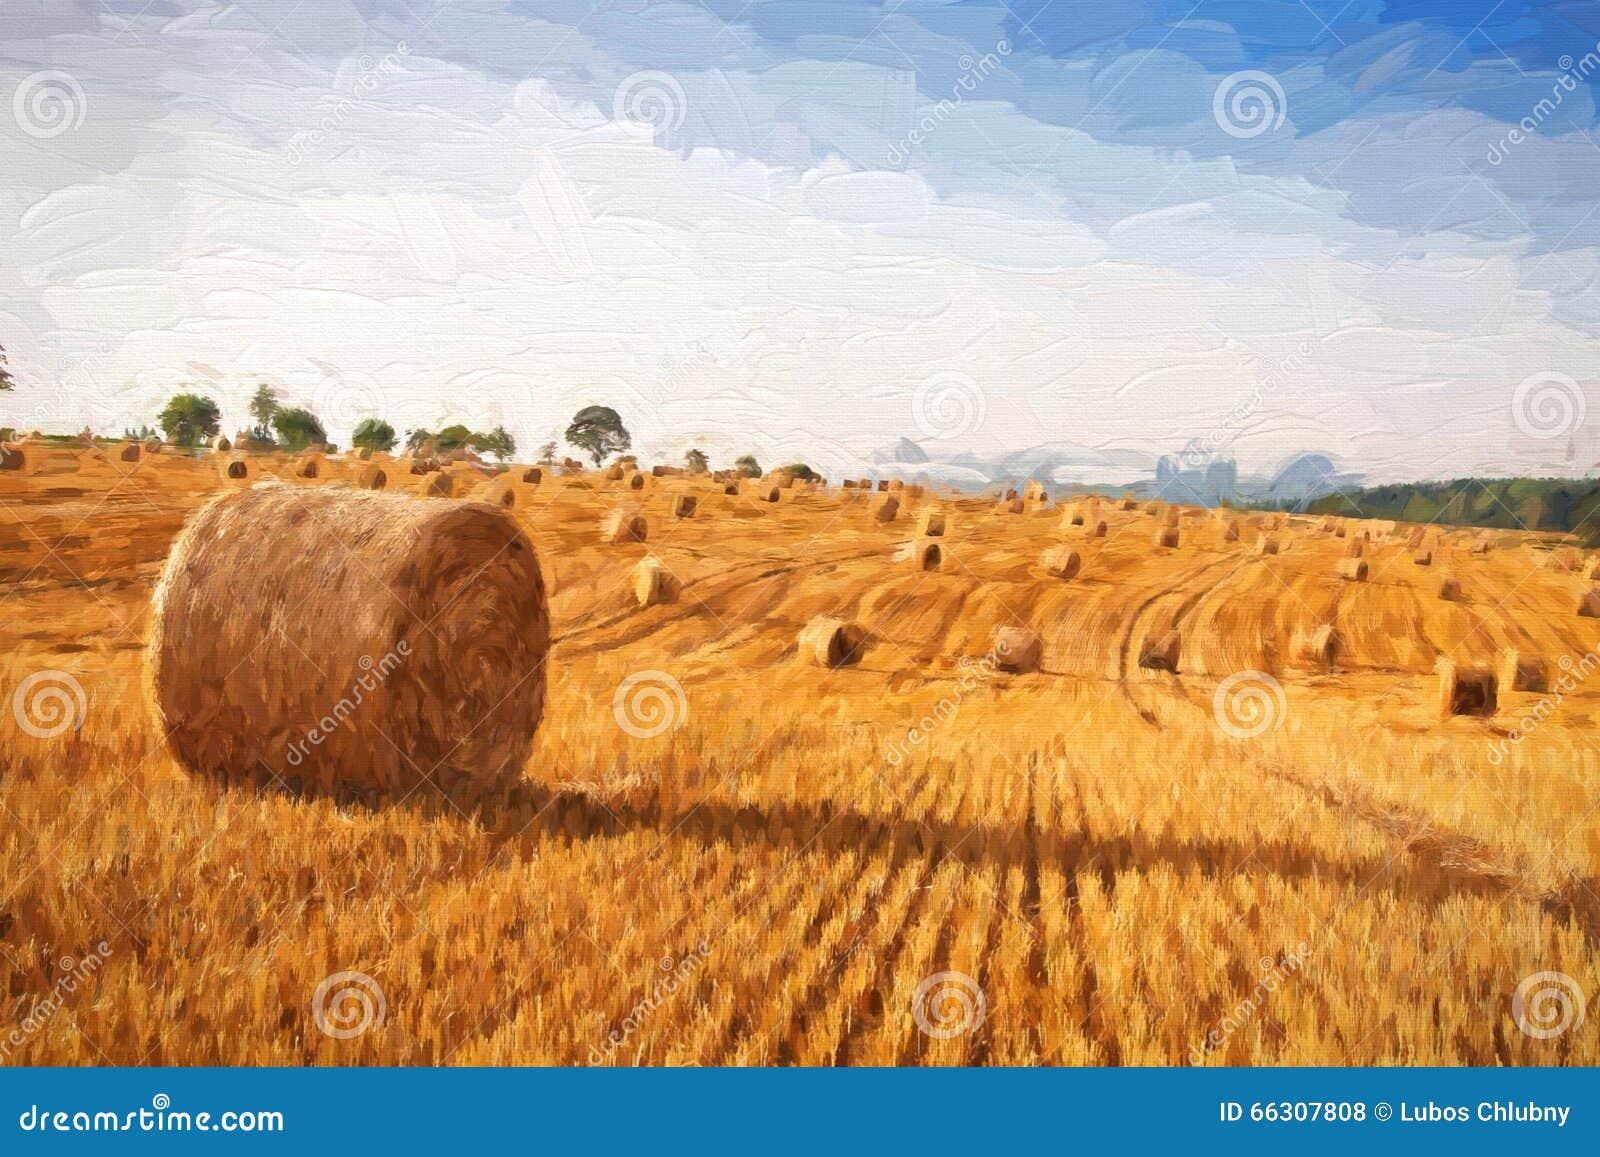 Paisagem do verão da pintura a óleo - pacotes de feno no campo após a colheita